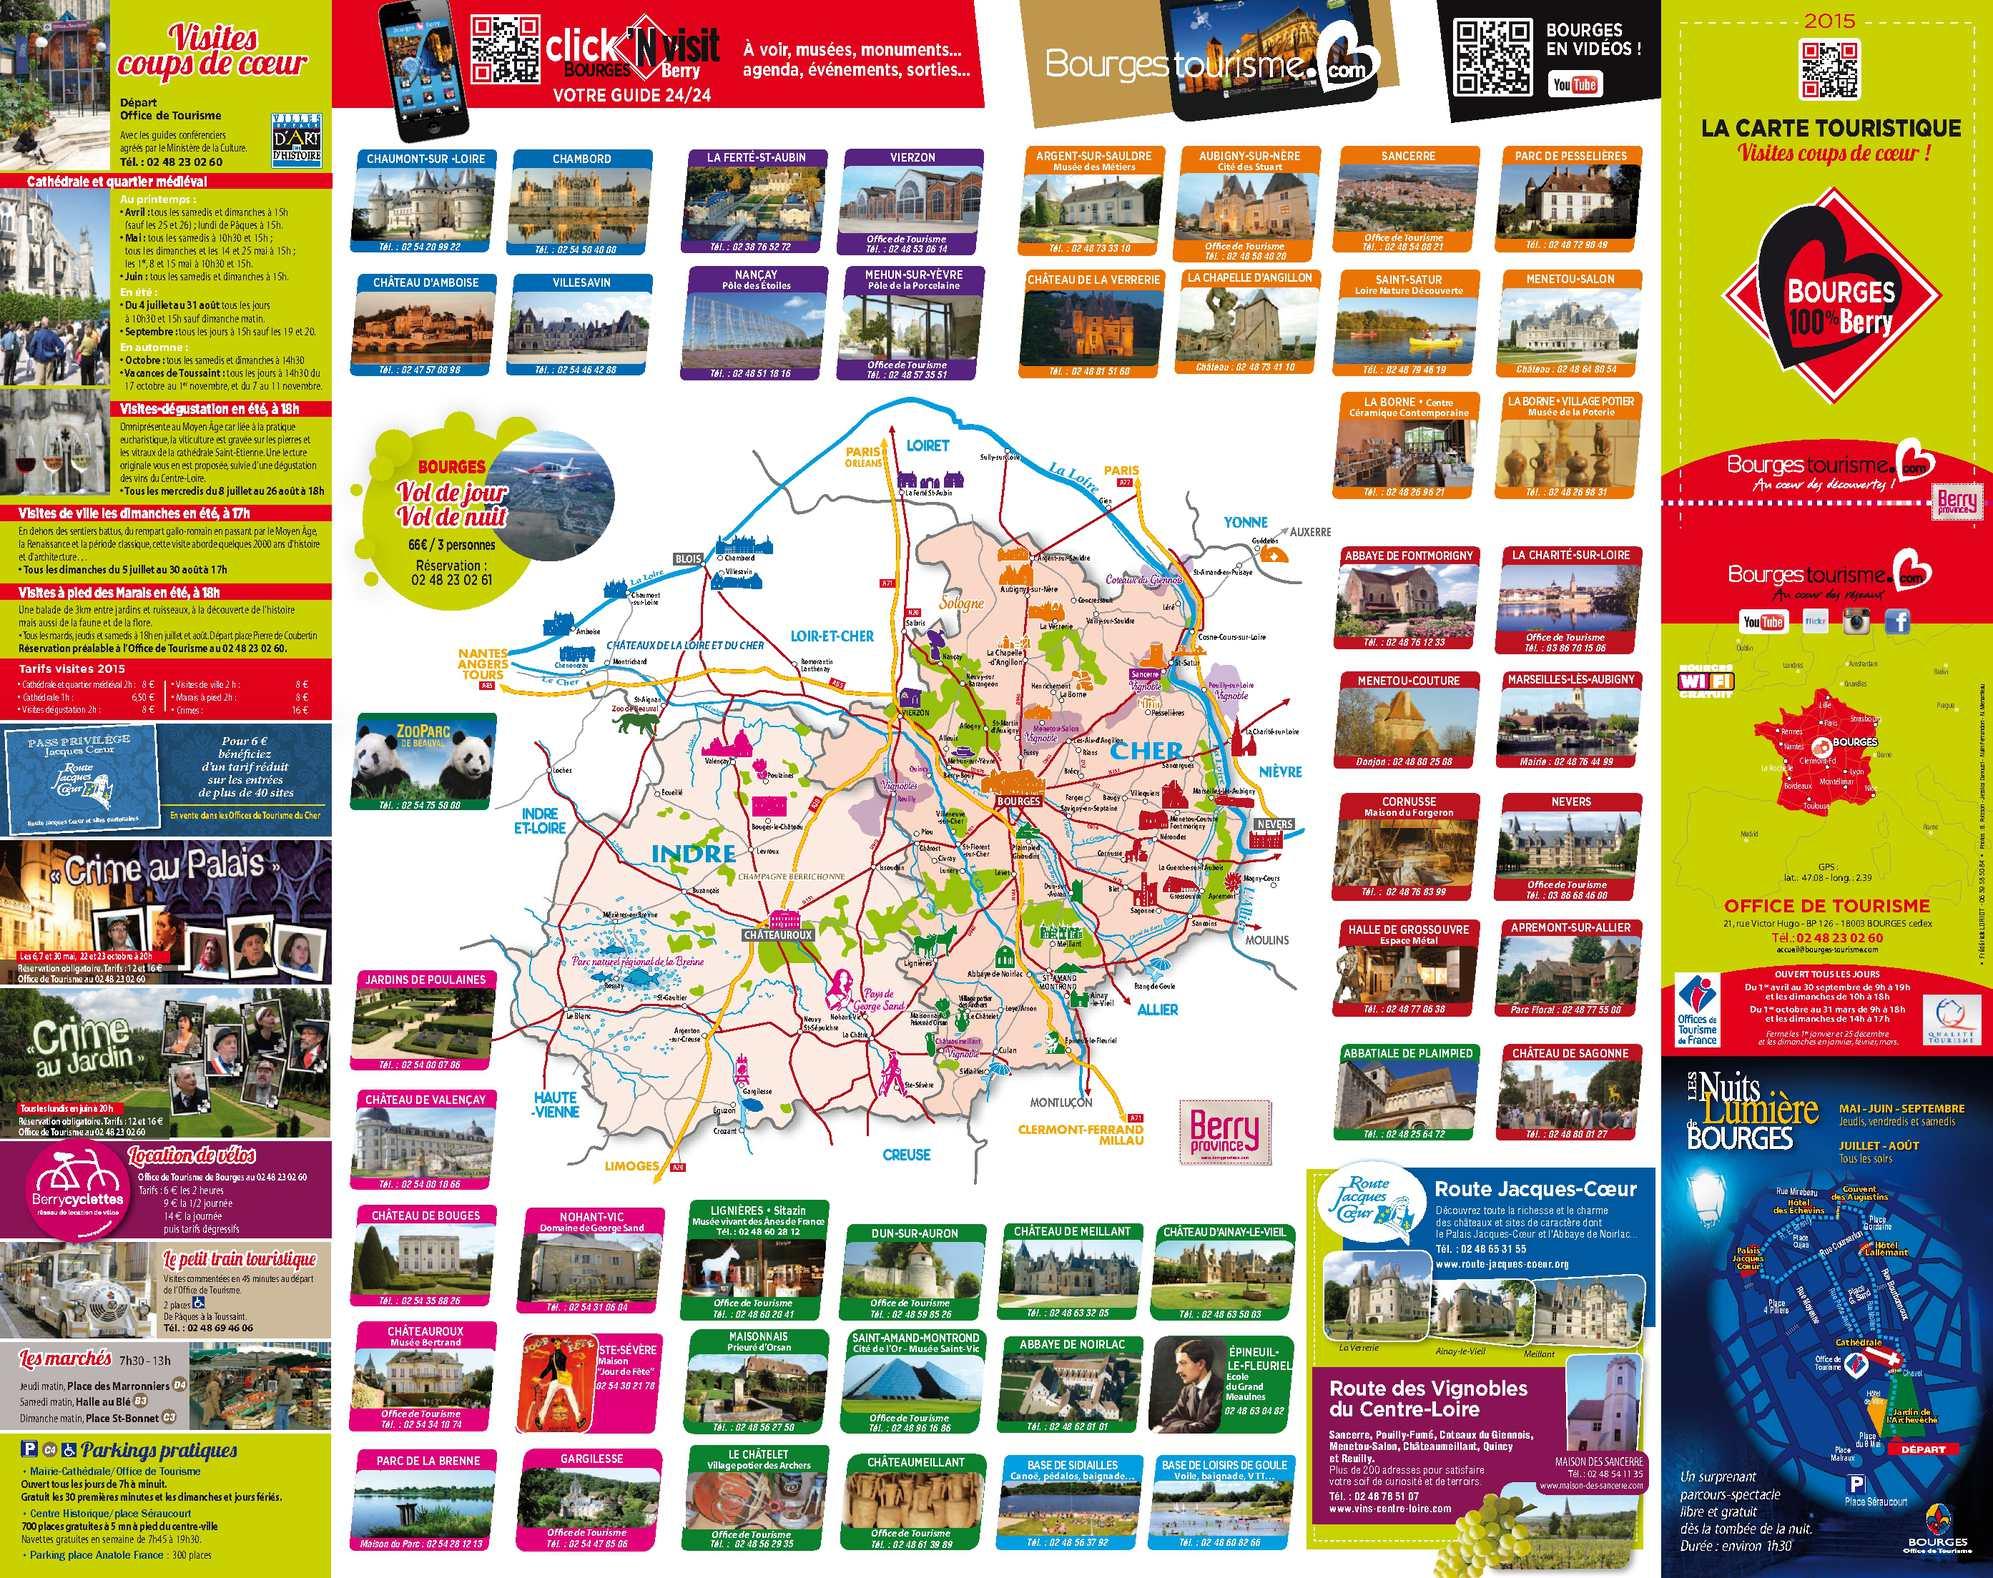 Calam o carte touristique bourges 2015 - Office du tourisme de berlin ...